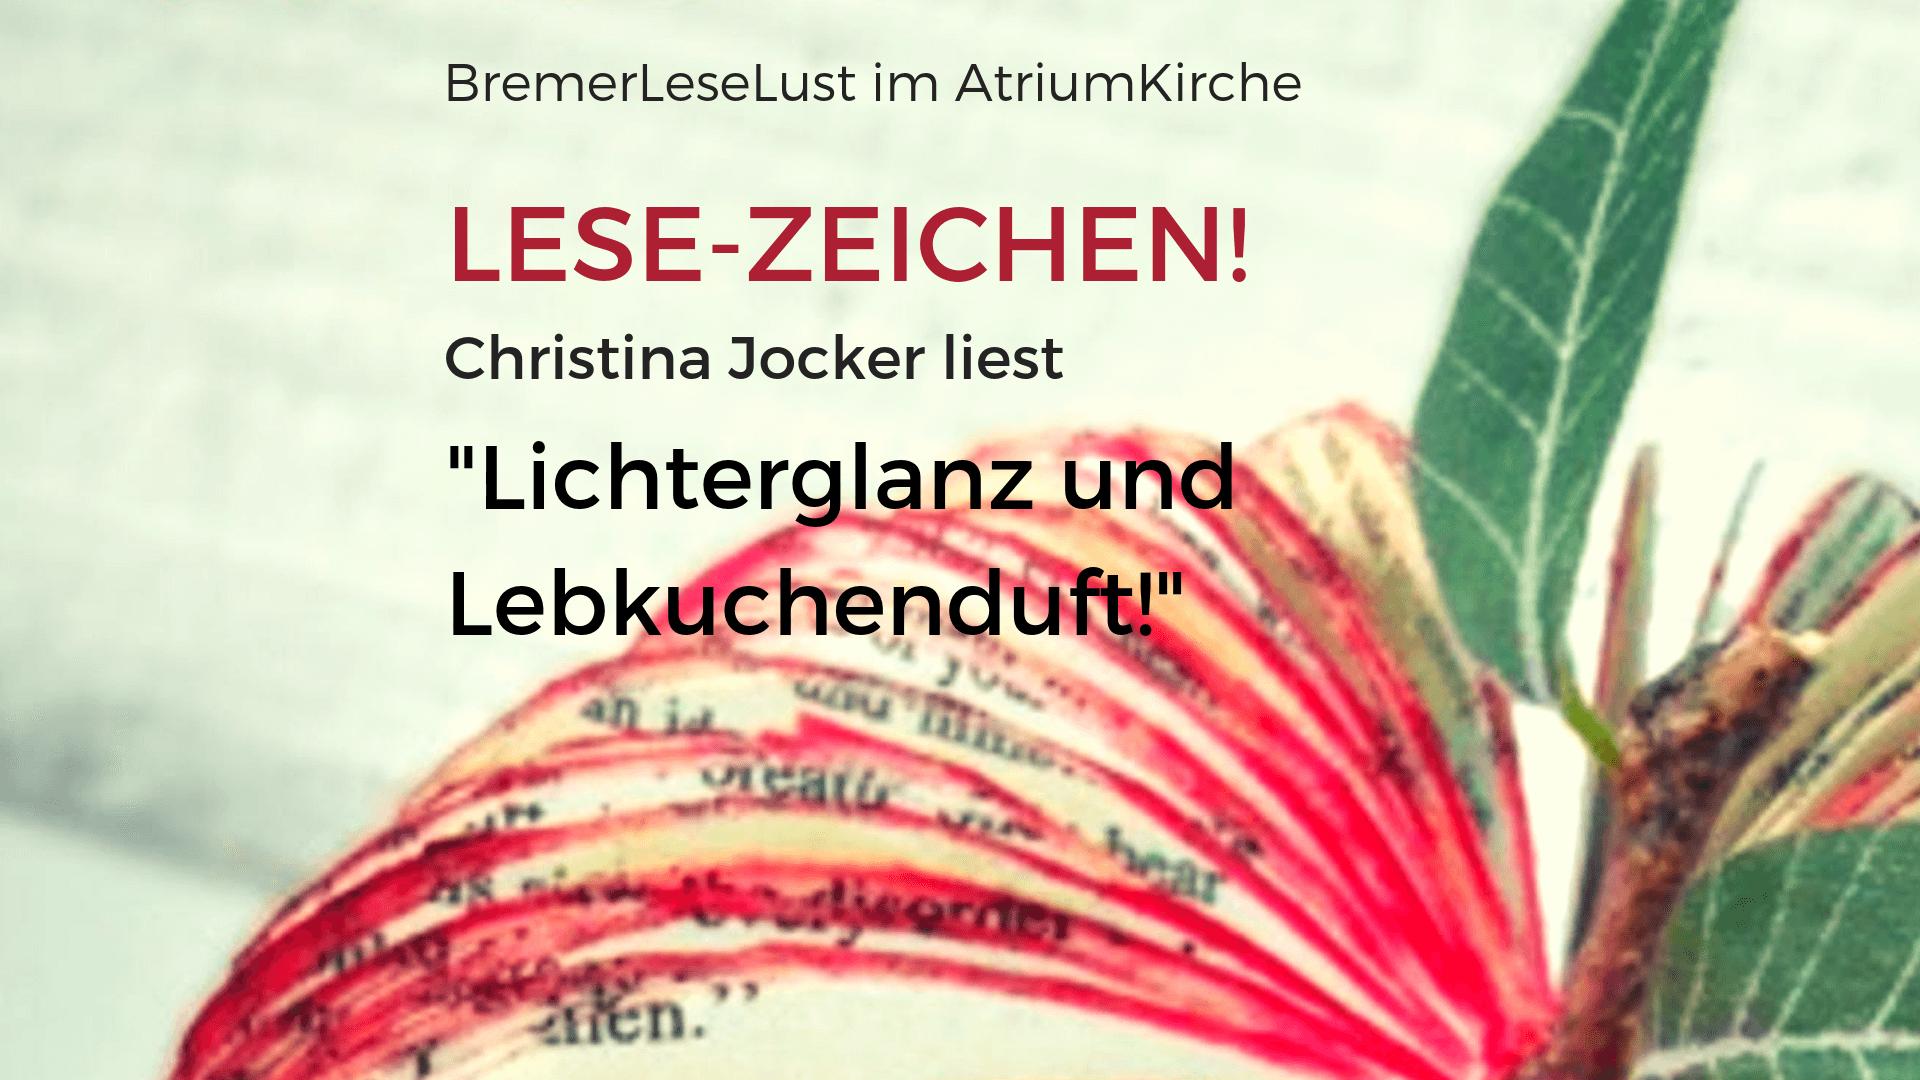 2019-12-02-LESE-ZEICHEN